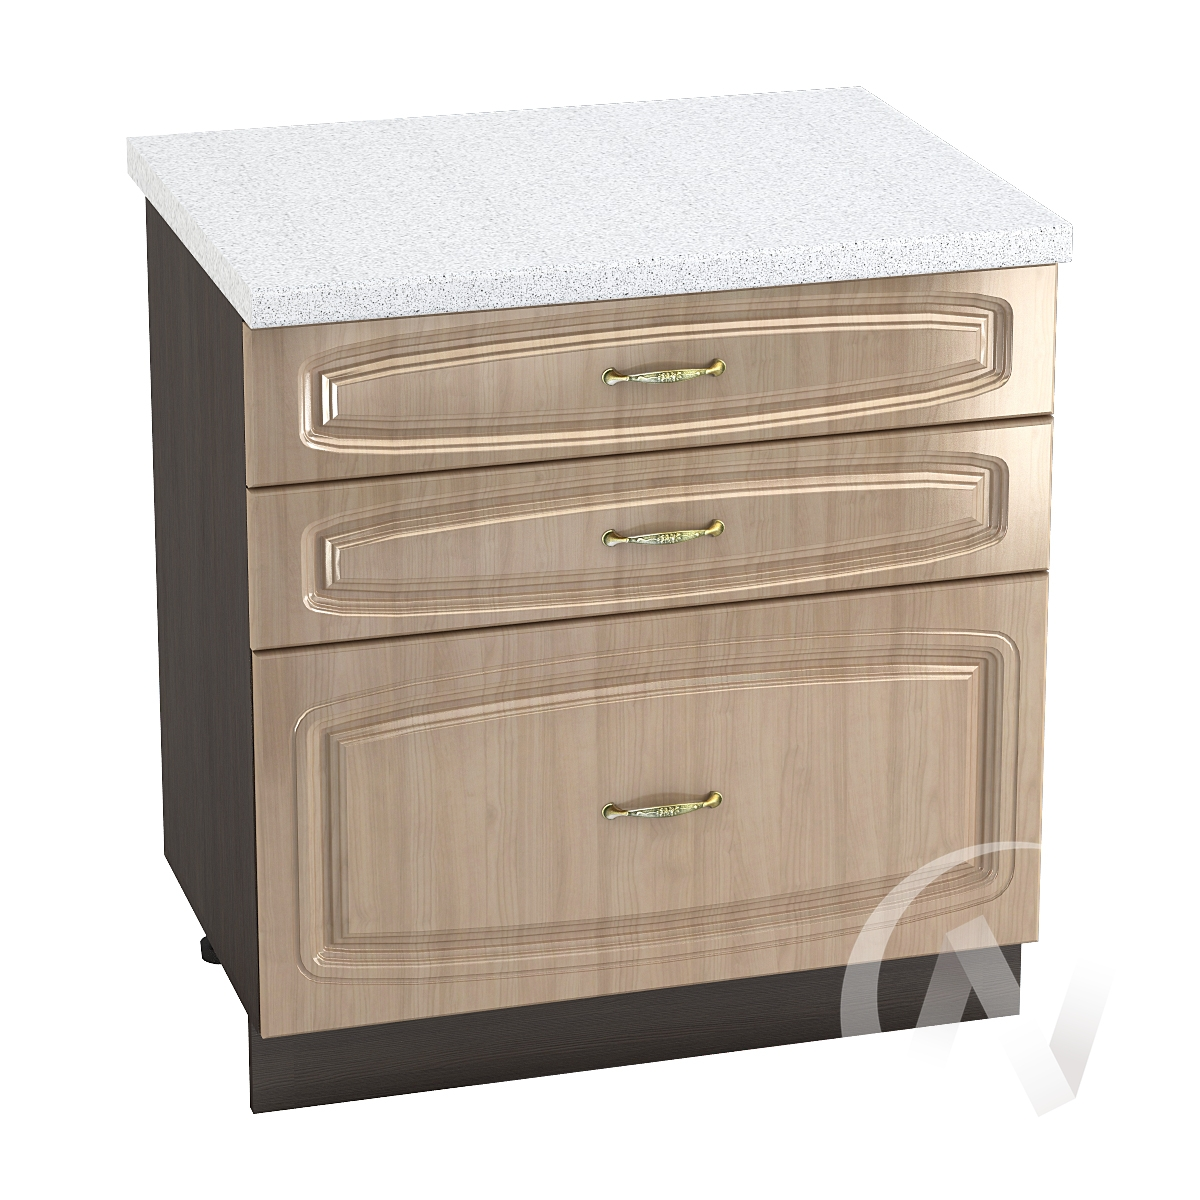 """Кухня """"Сити"""": Шкаф нижний с 3-мя ящиками 800, ШН3Я 800 (корпус венге)"""